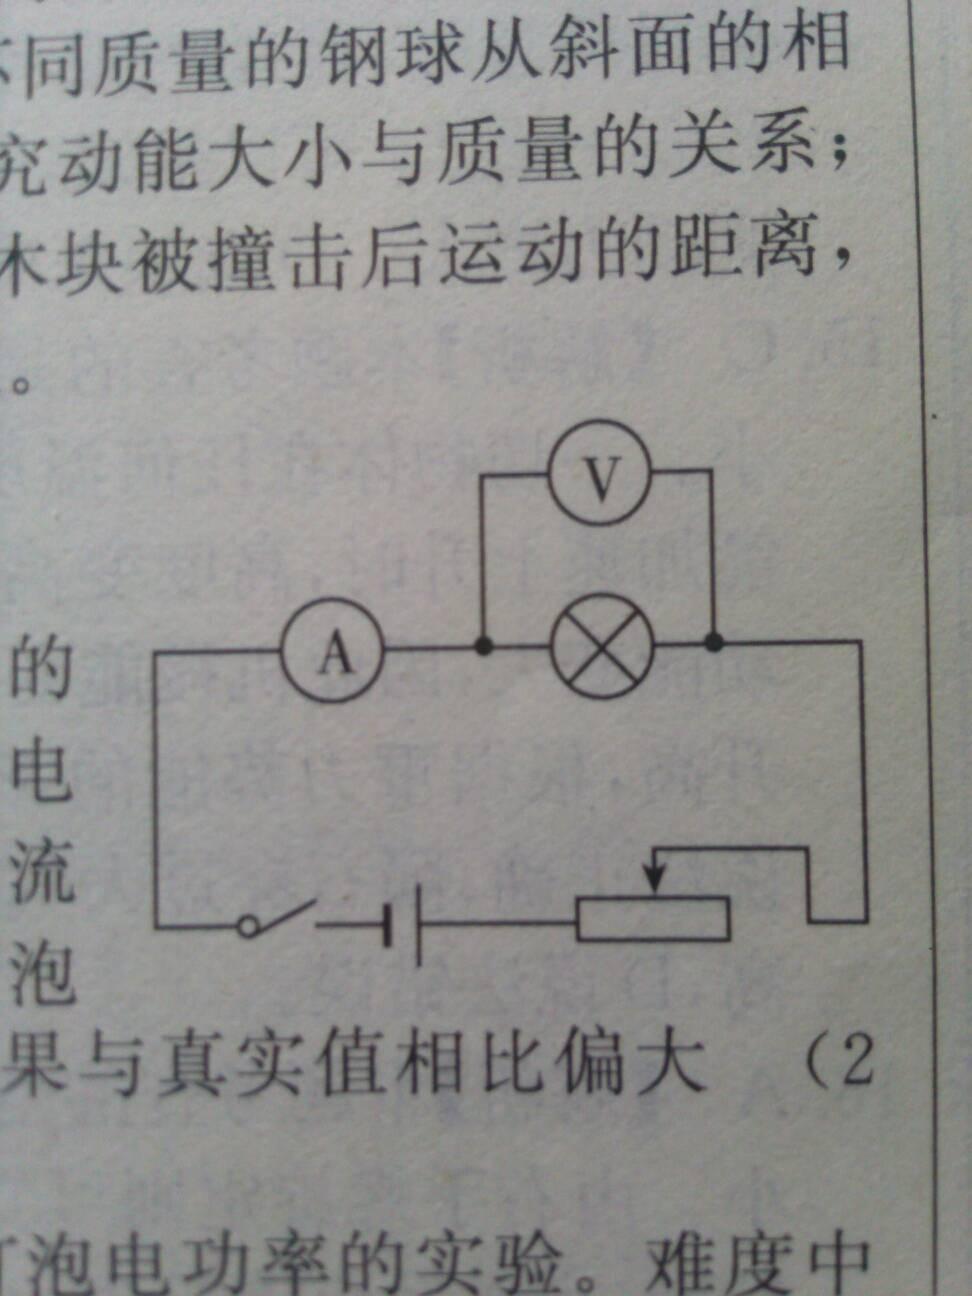 这个图的电路图怎么画?急!